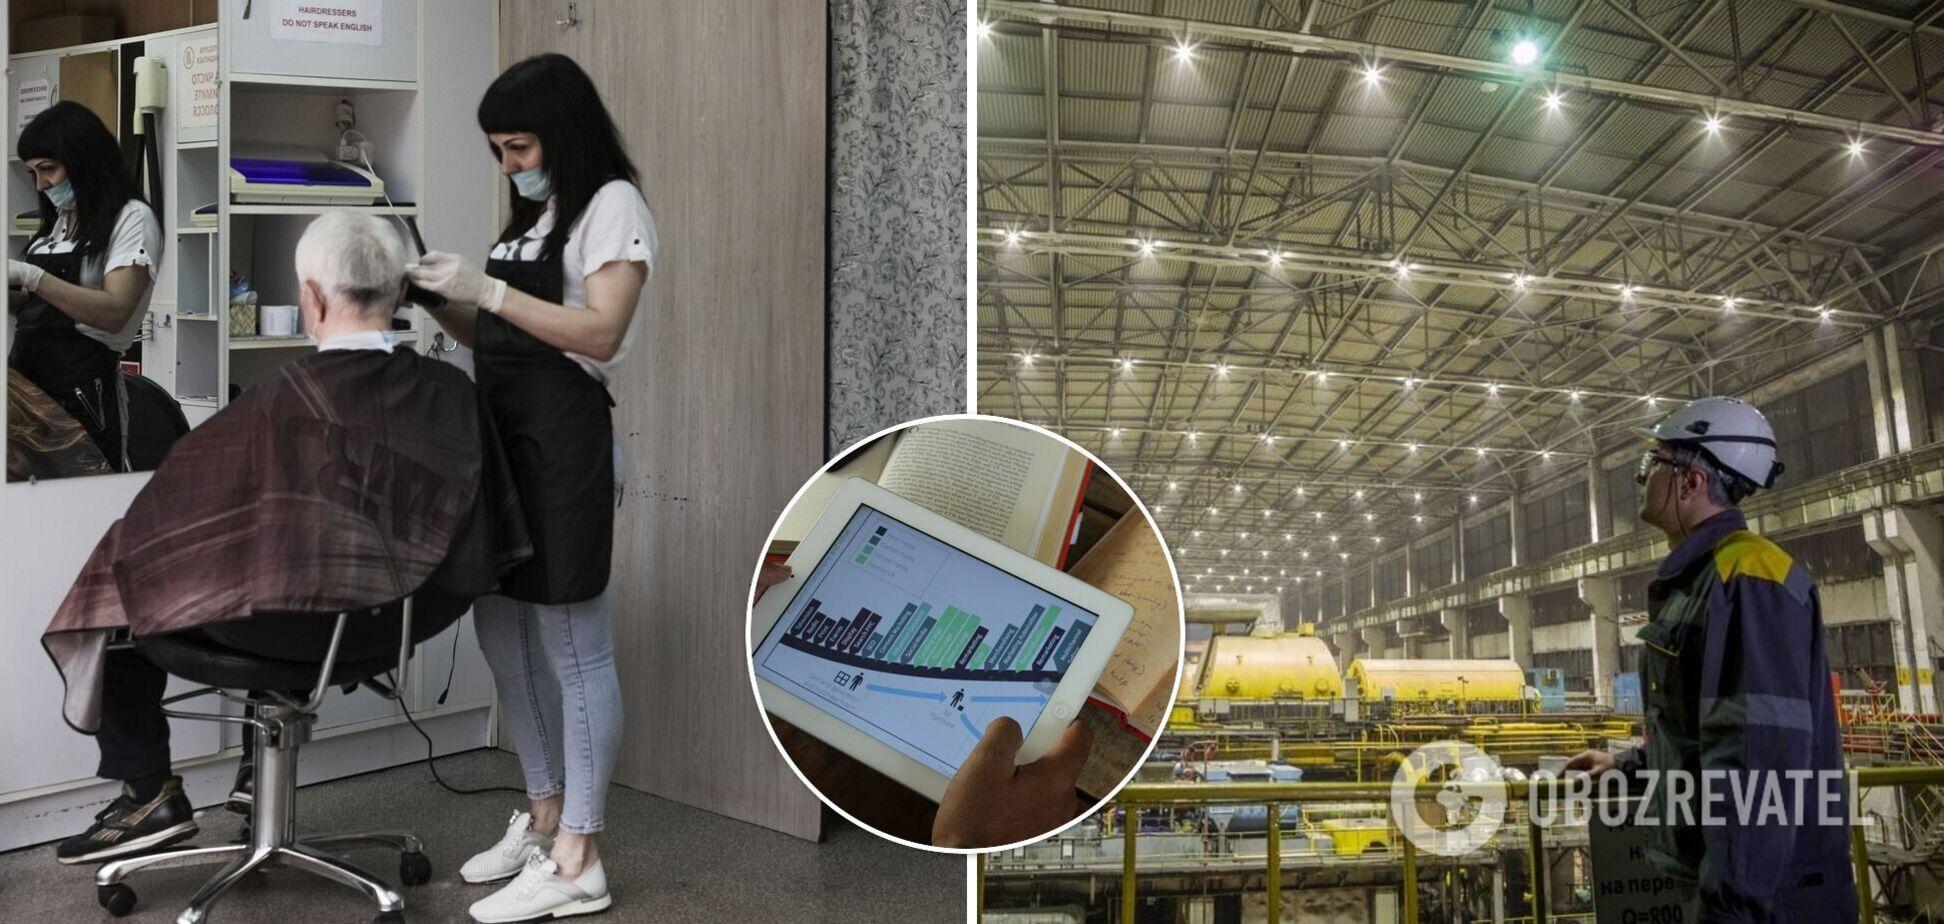 Предпринимателей-юрлиц в Украине стало больше, количество бизнесов через 'ФОП' уменьшилось